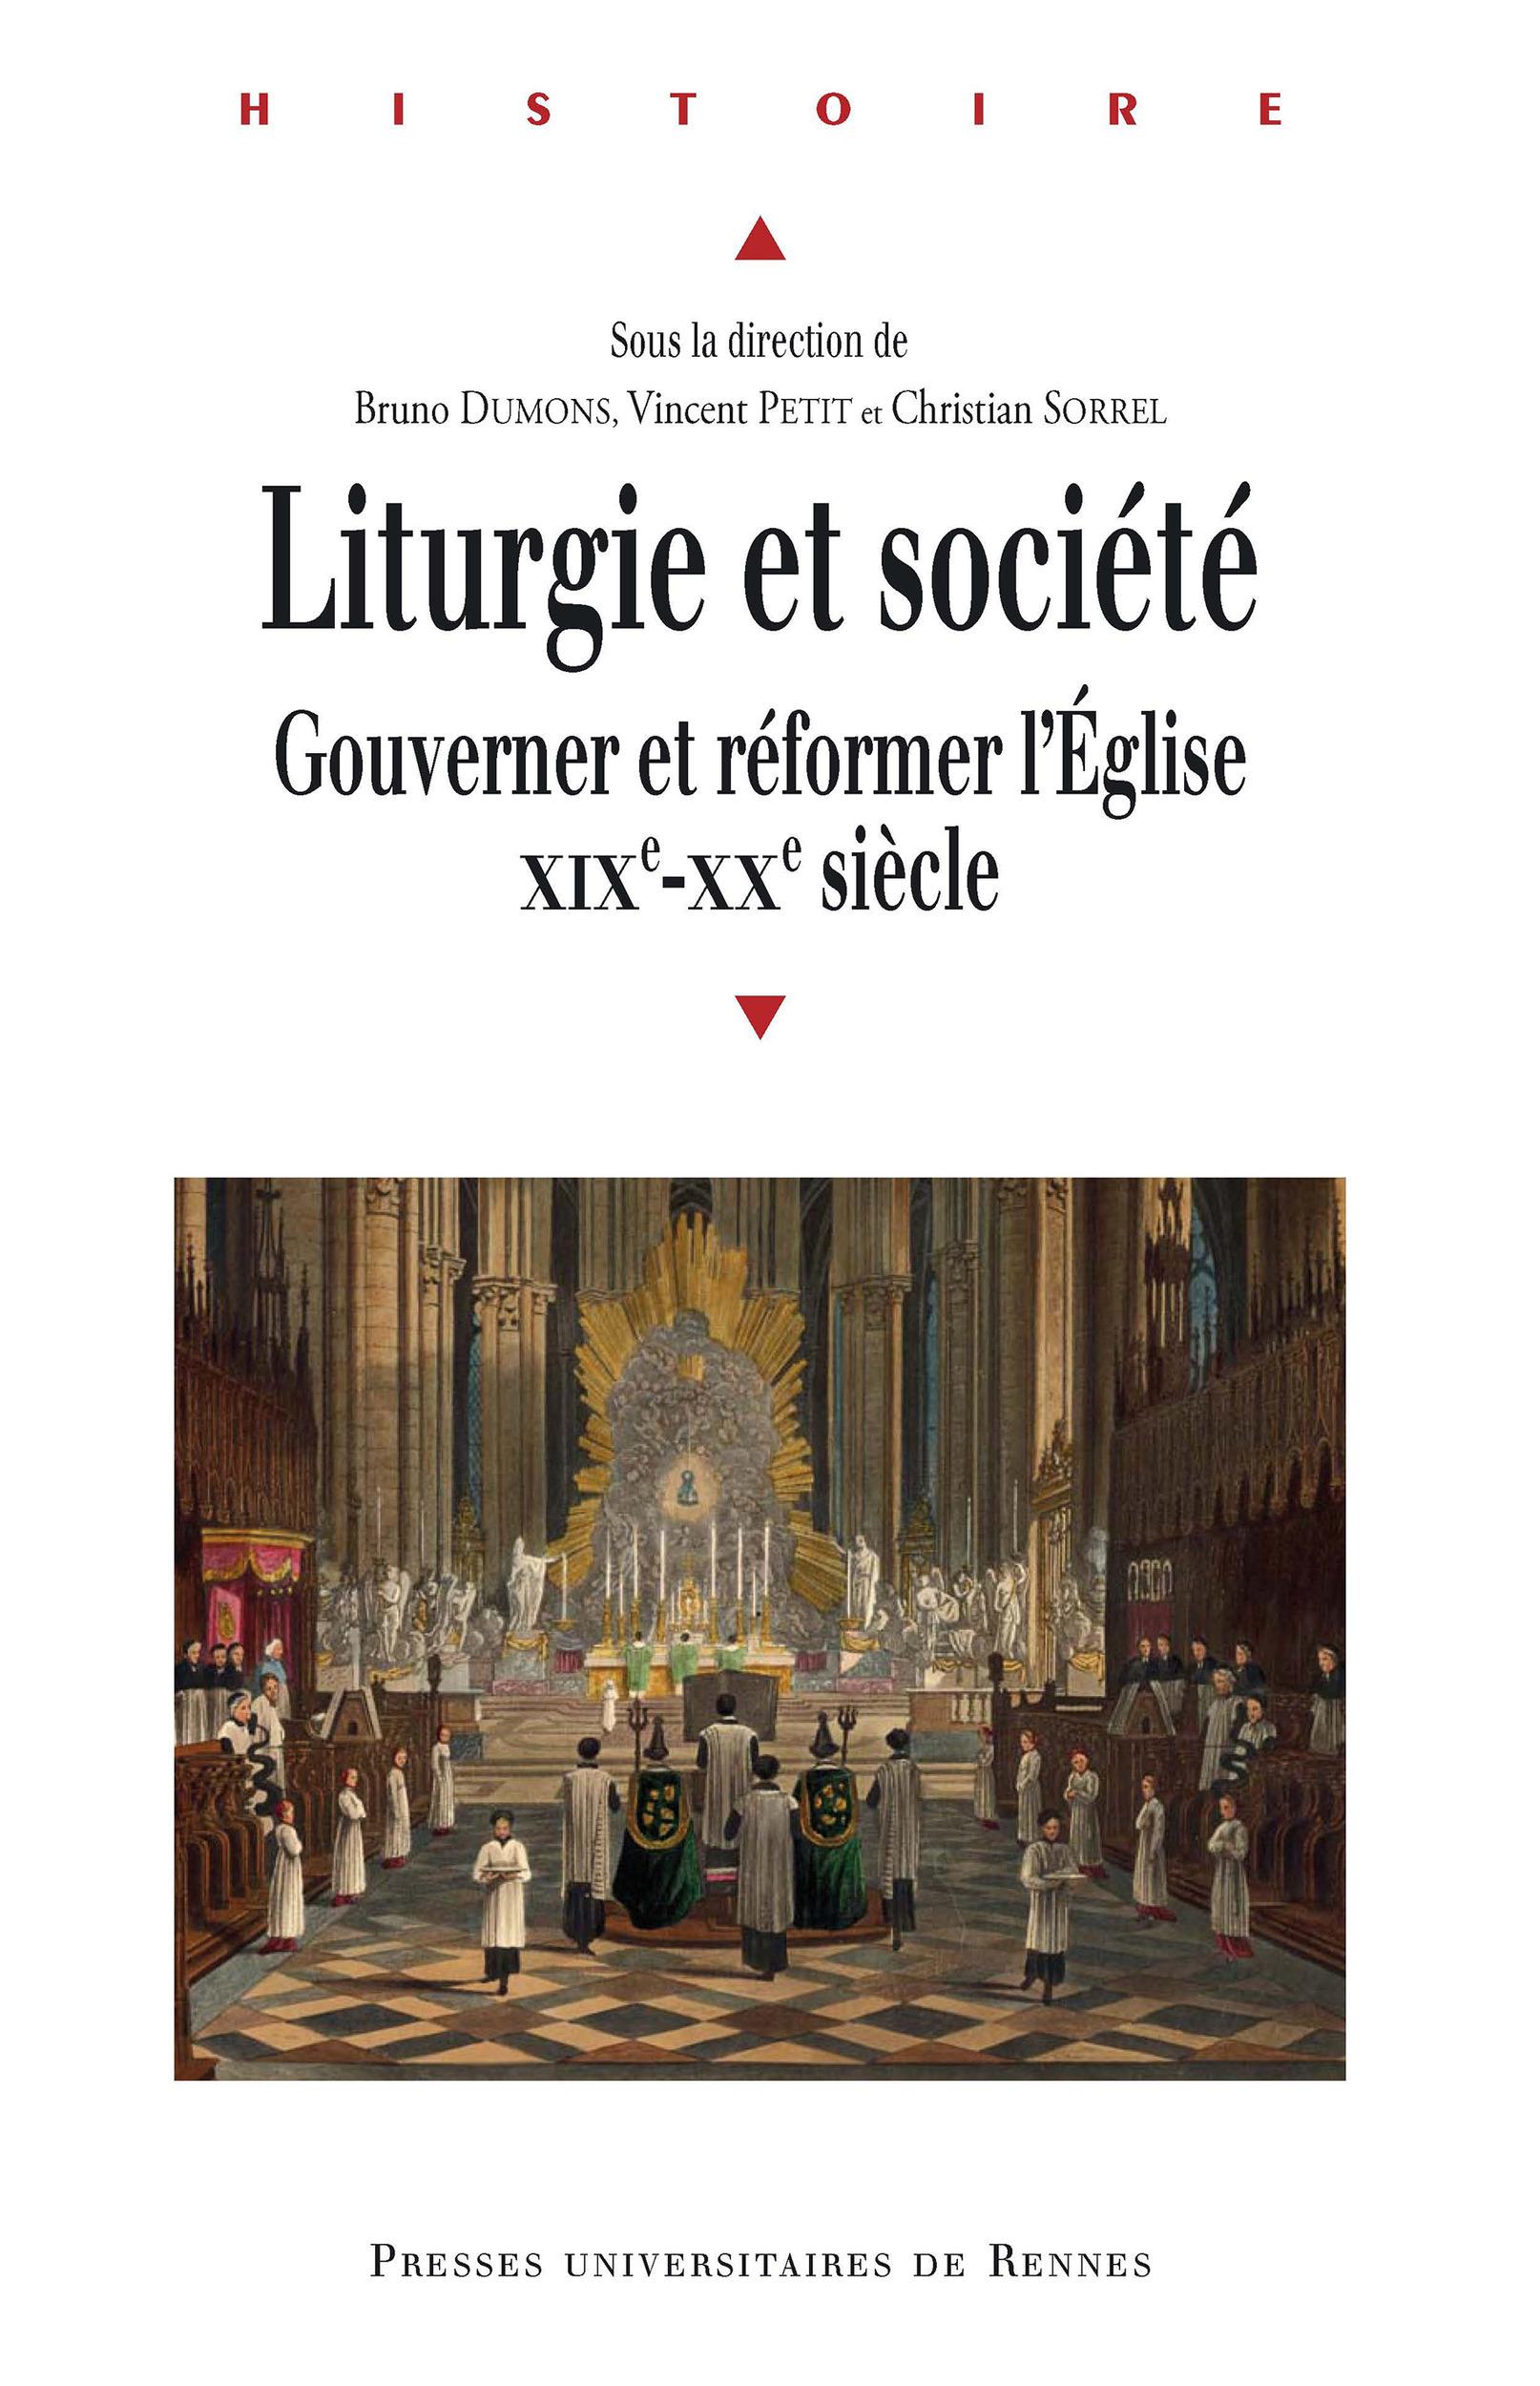 Liturgie et société ; gouverner et réformer l'Eglise, XIXe-XXe siècle